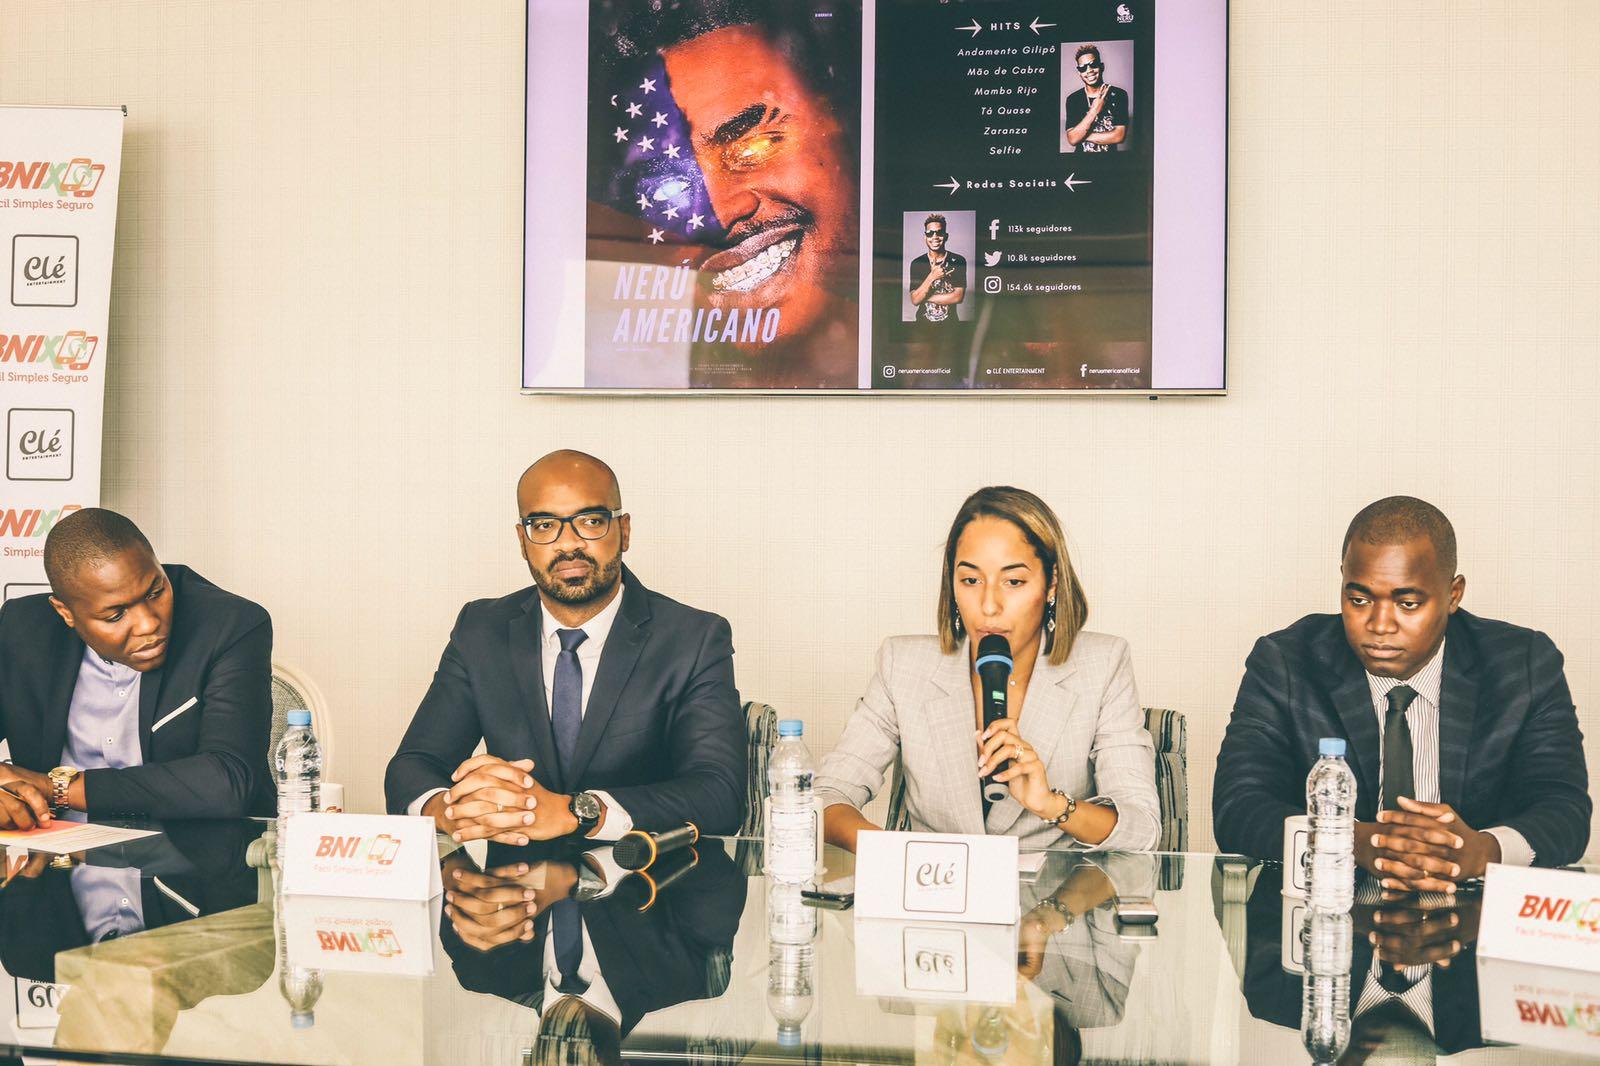 BNI e Clé Entertainment oficializam parceria